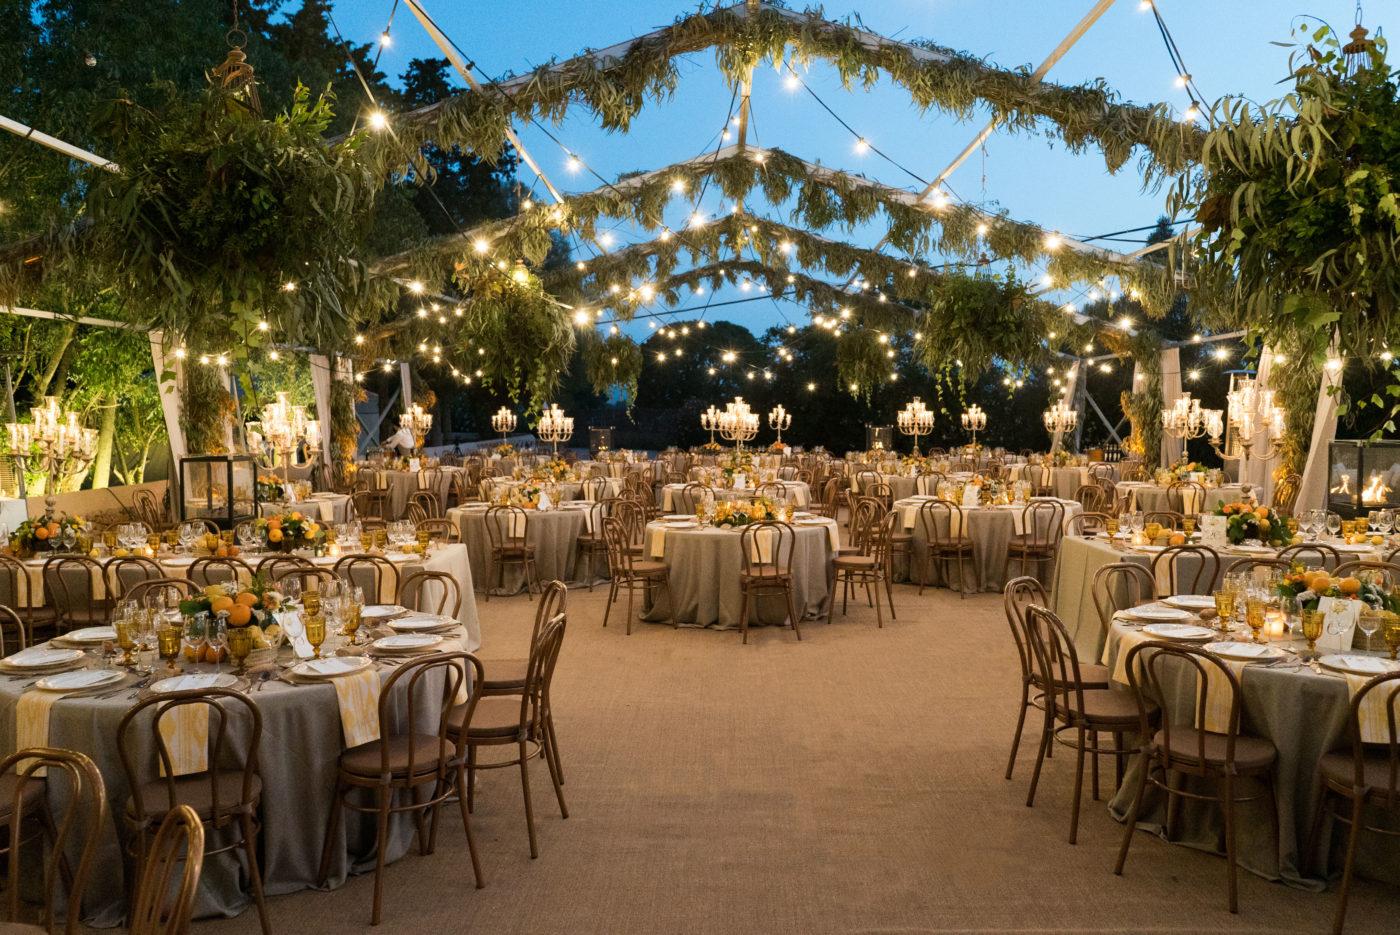 Desinwedding_planningwedding